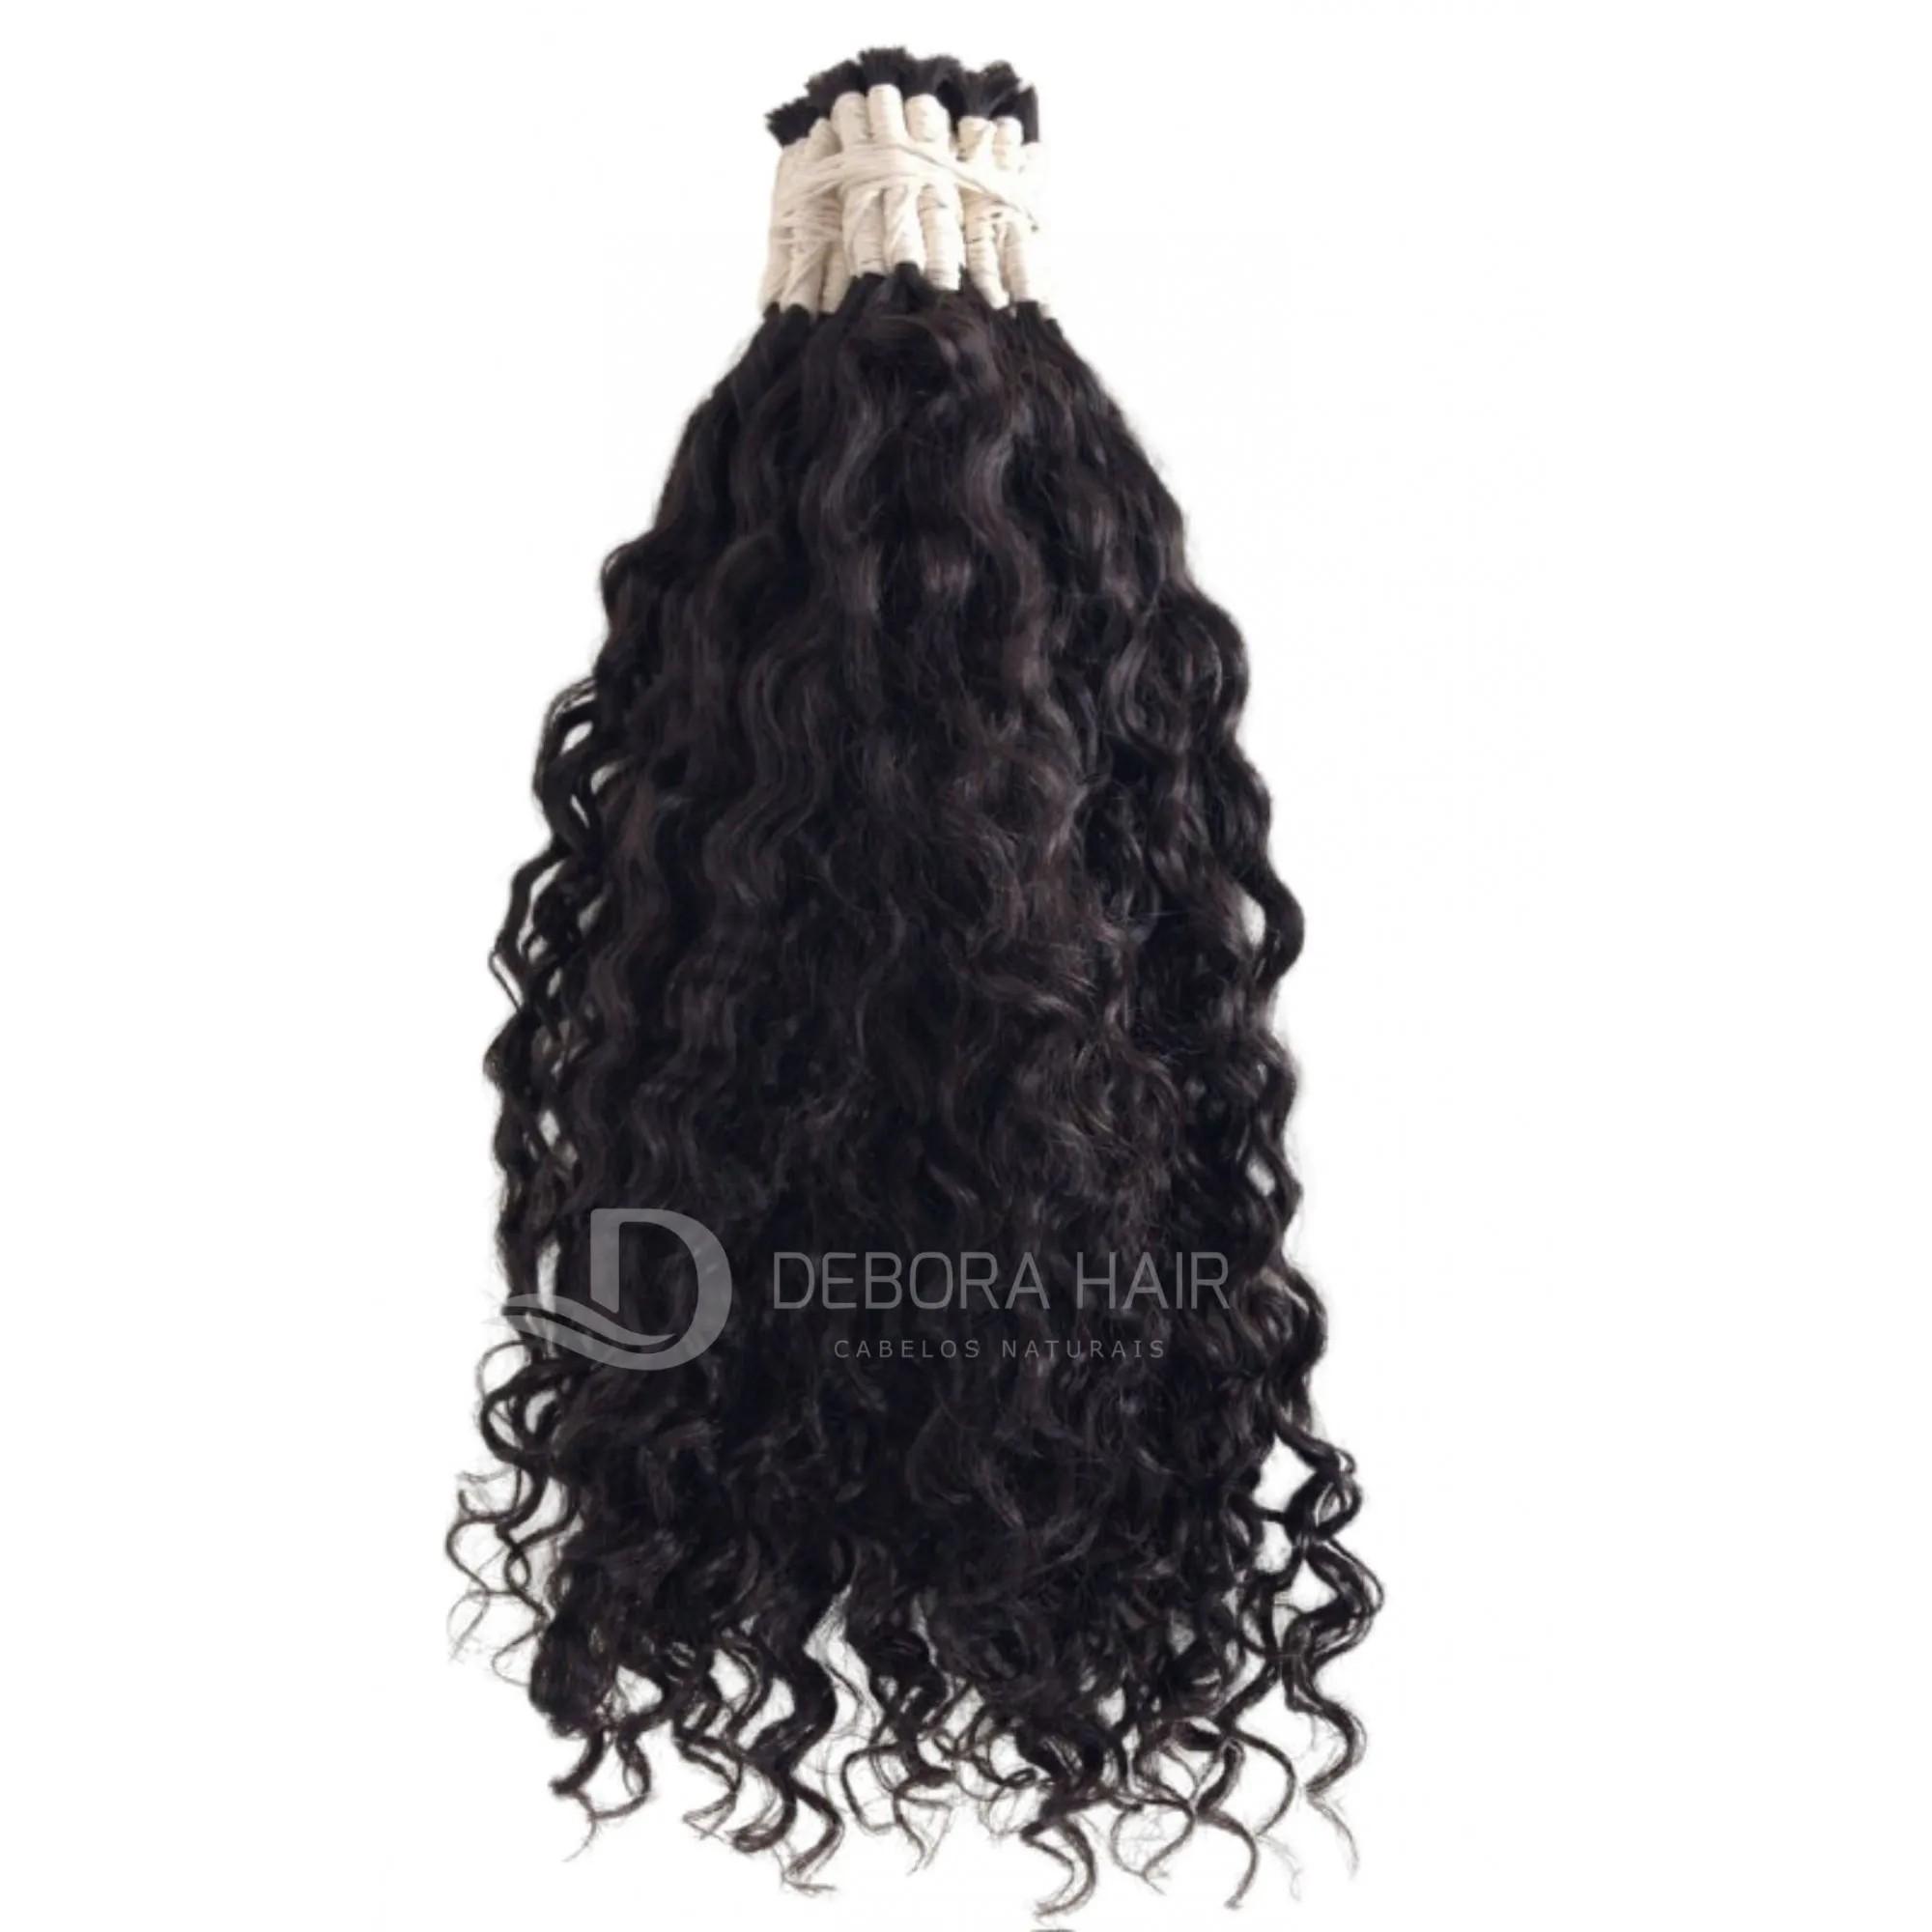 Cabelo Cacheado com Permanente Castanho Cacho Largo de 75 cm  - DEBORA HAIR